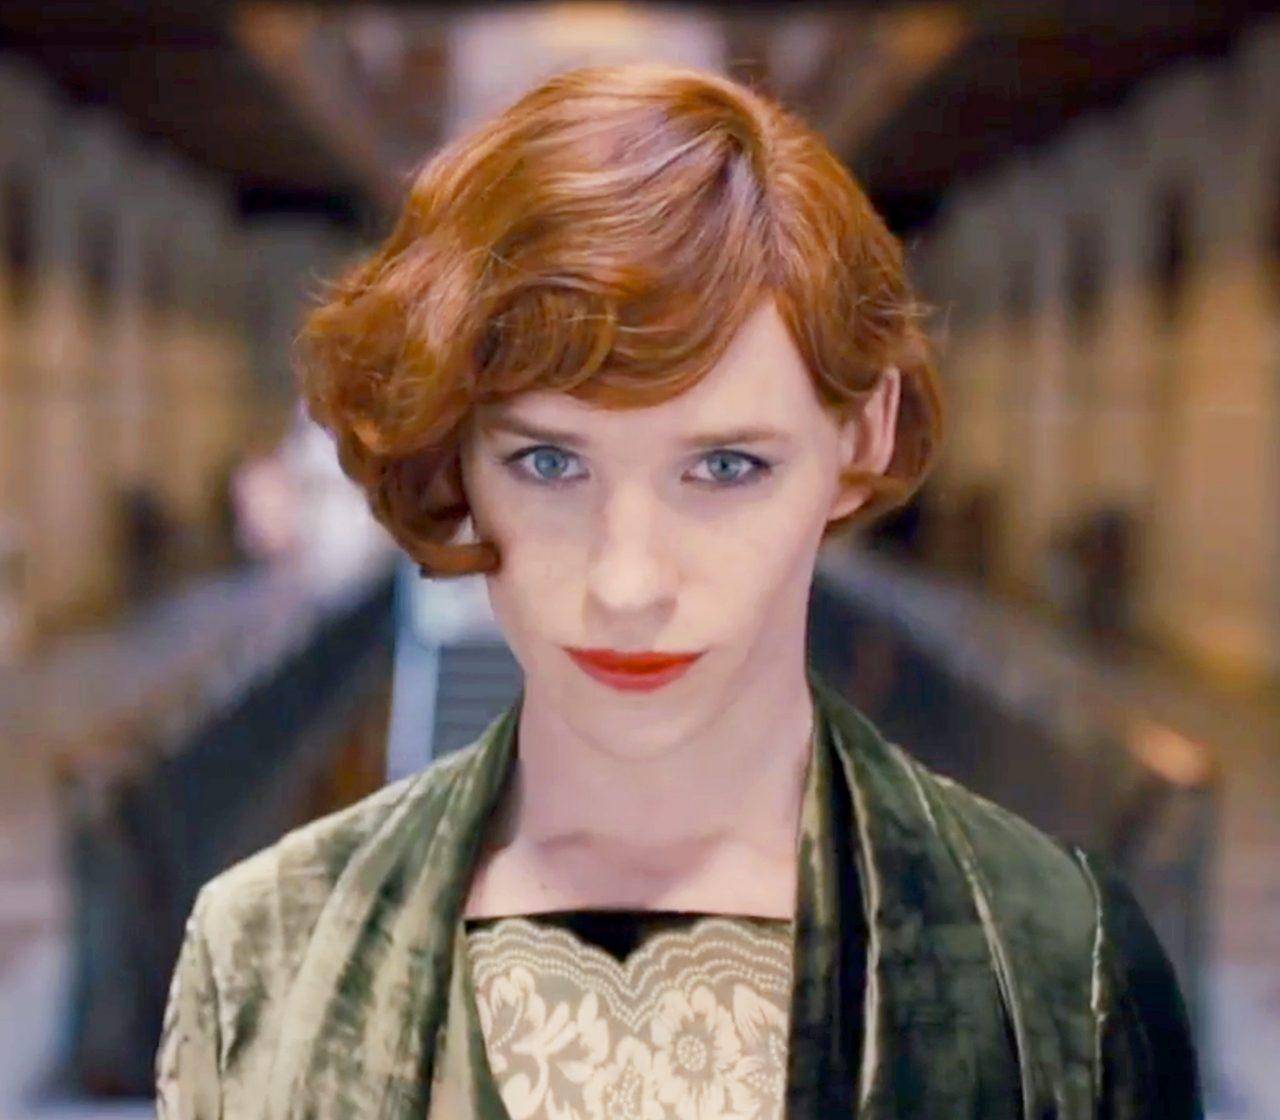 画像: http://www.usmagazine.com/entertainment/news/eddie-redmayne-transforms-into-a-woman-in-the-danish-girl-trailer-201519